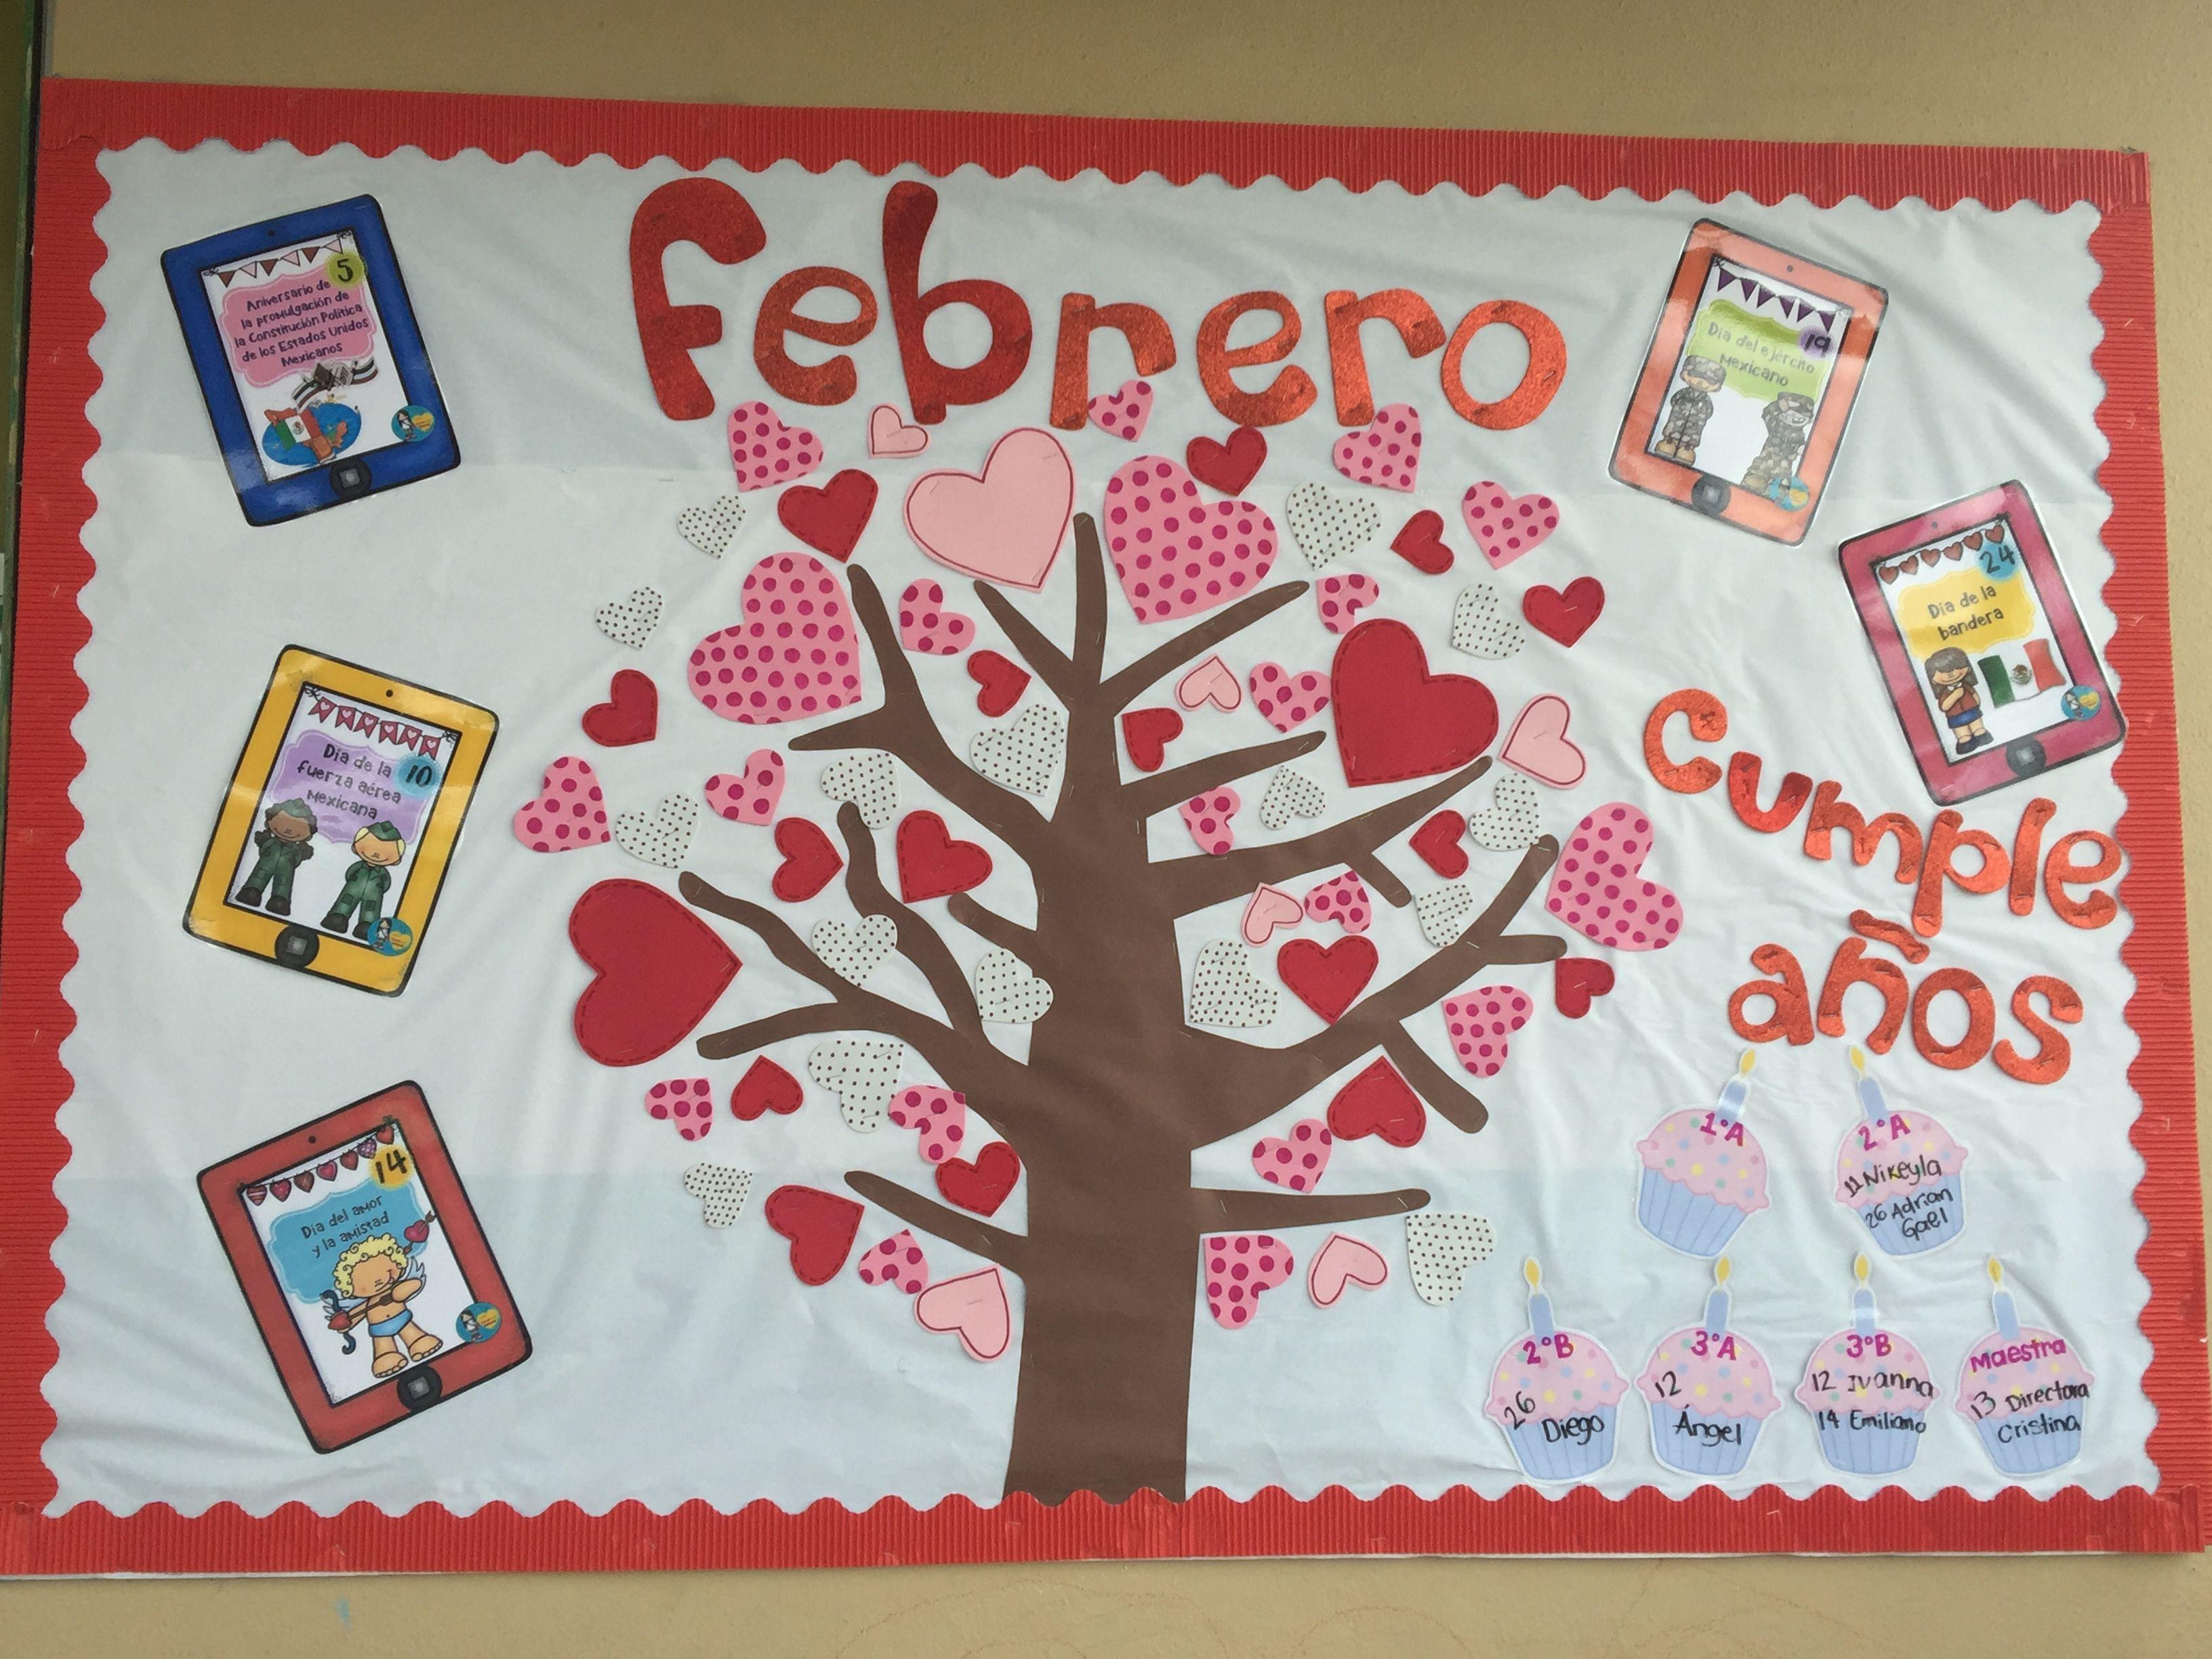 Periódico Mural Febrero Periodico